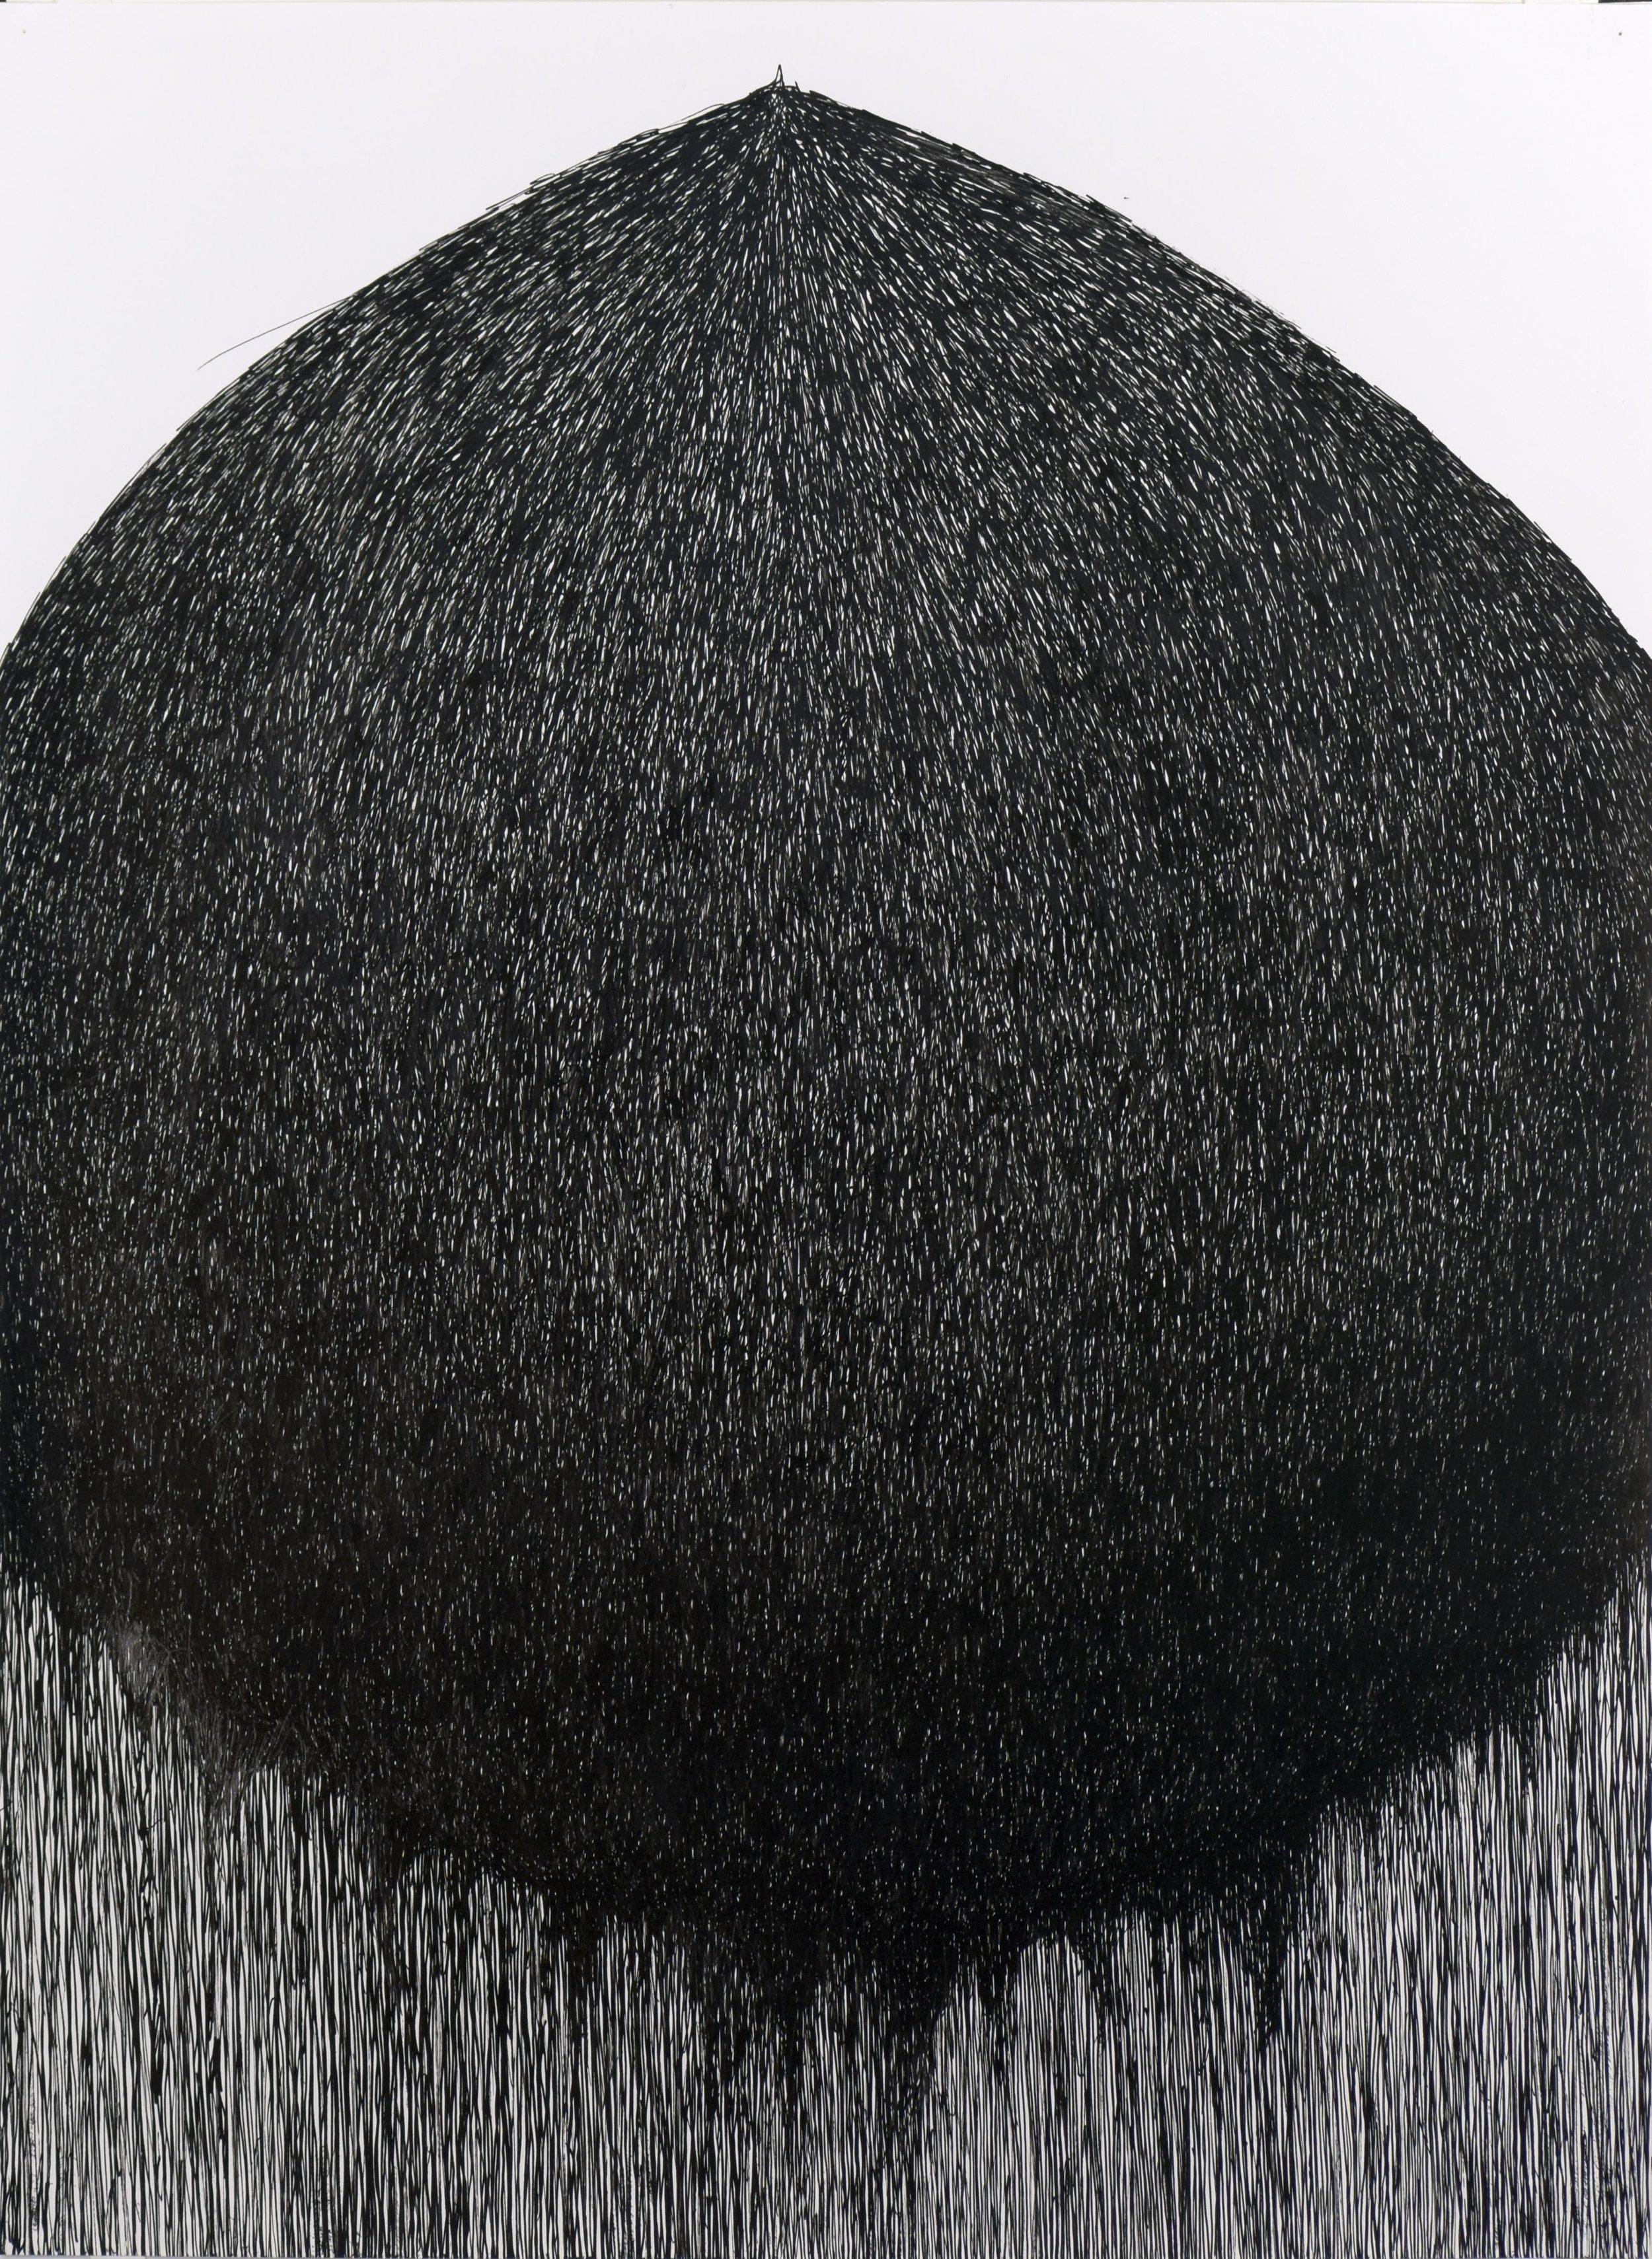 BATES Spill 2018 30x22.jpg